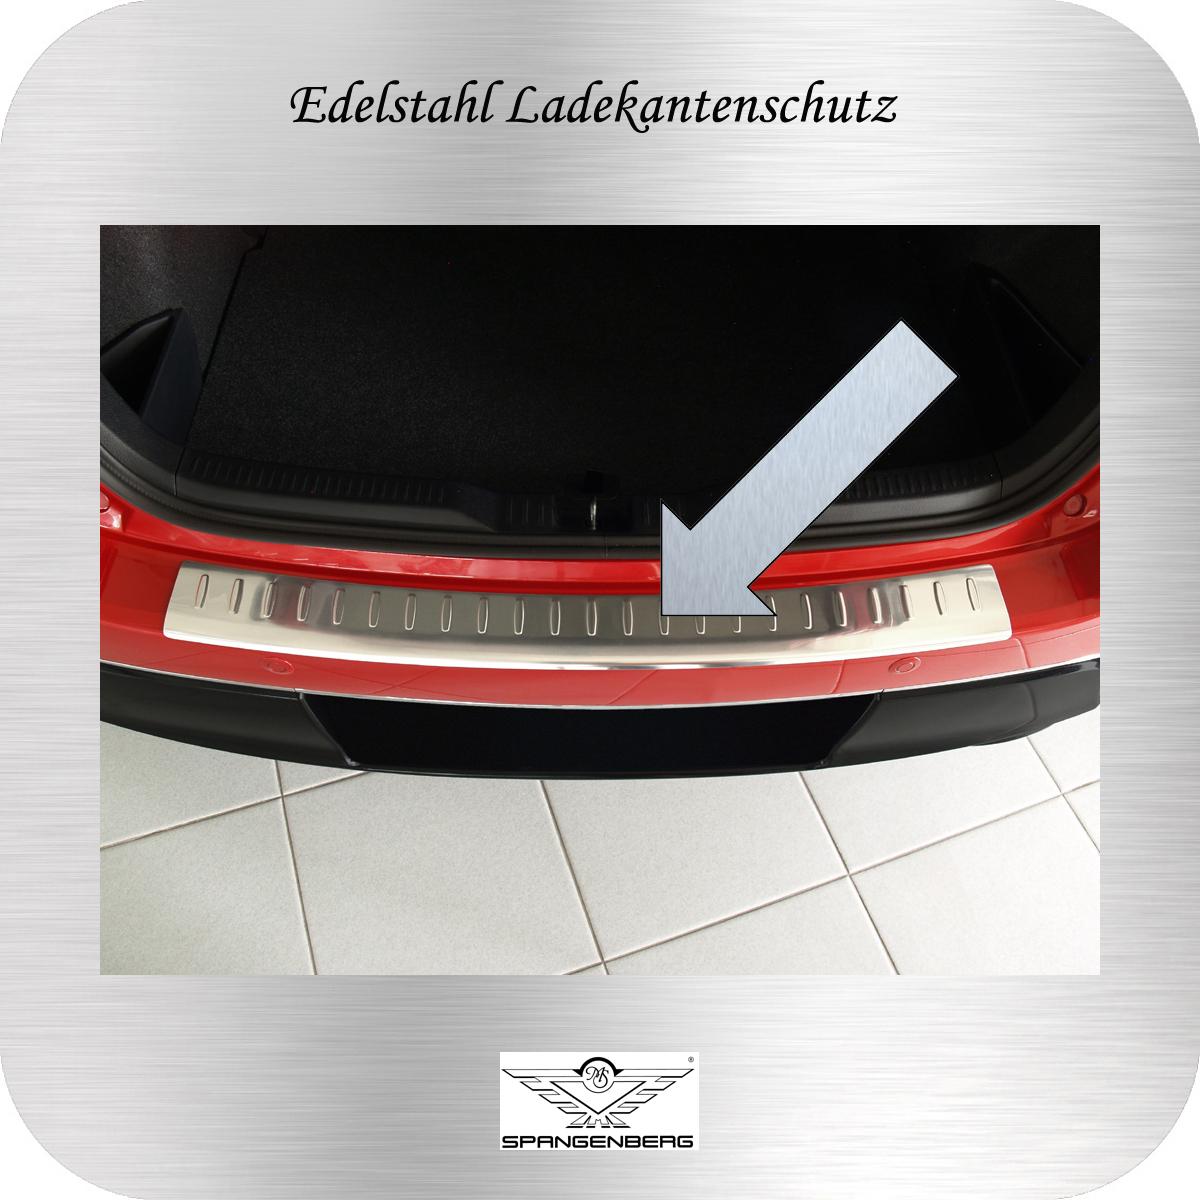 Ladekantenschutz Edelstahl Toyota Auris II Schrägheck vor FL 2012-2015 3235272